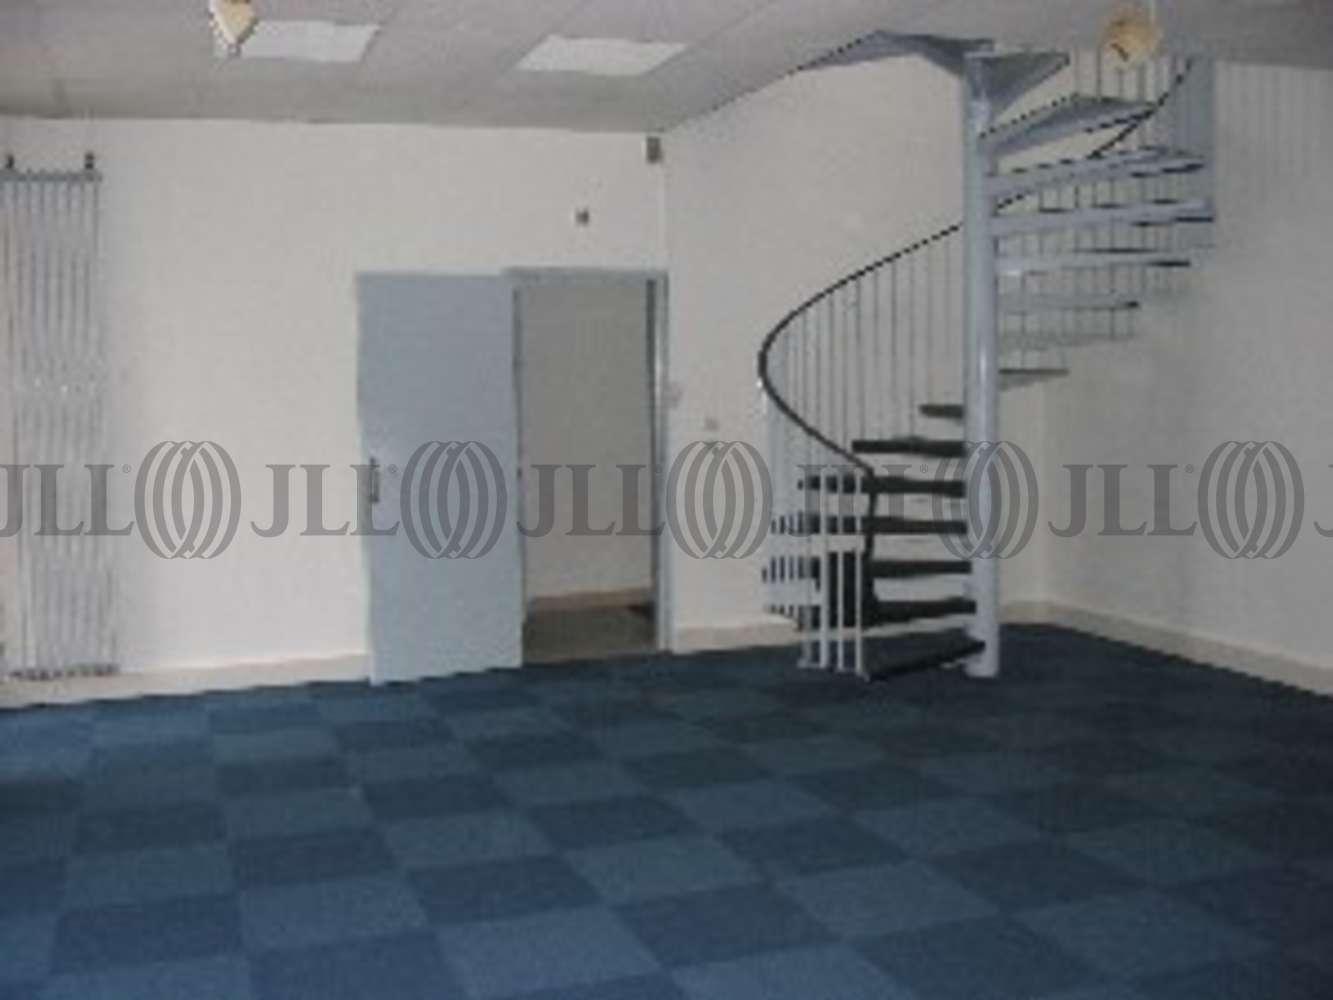 Activités/entrepôt Noisiel, 77186 - 8 RUE DE LA MARE BLANCHE - 9447762